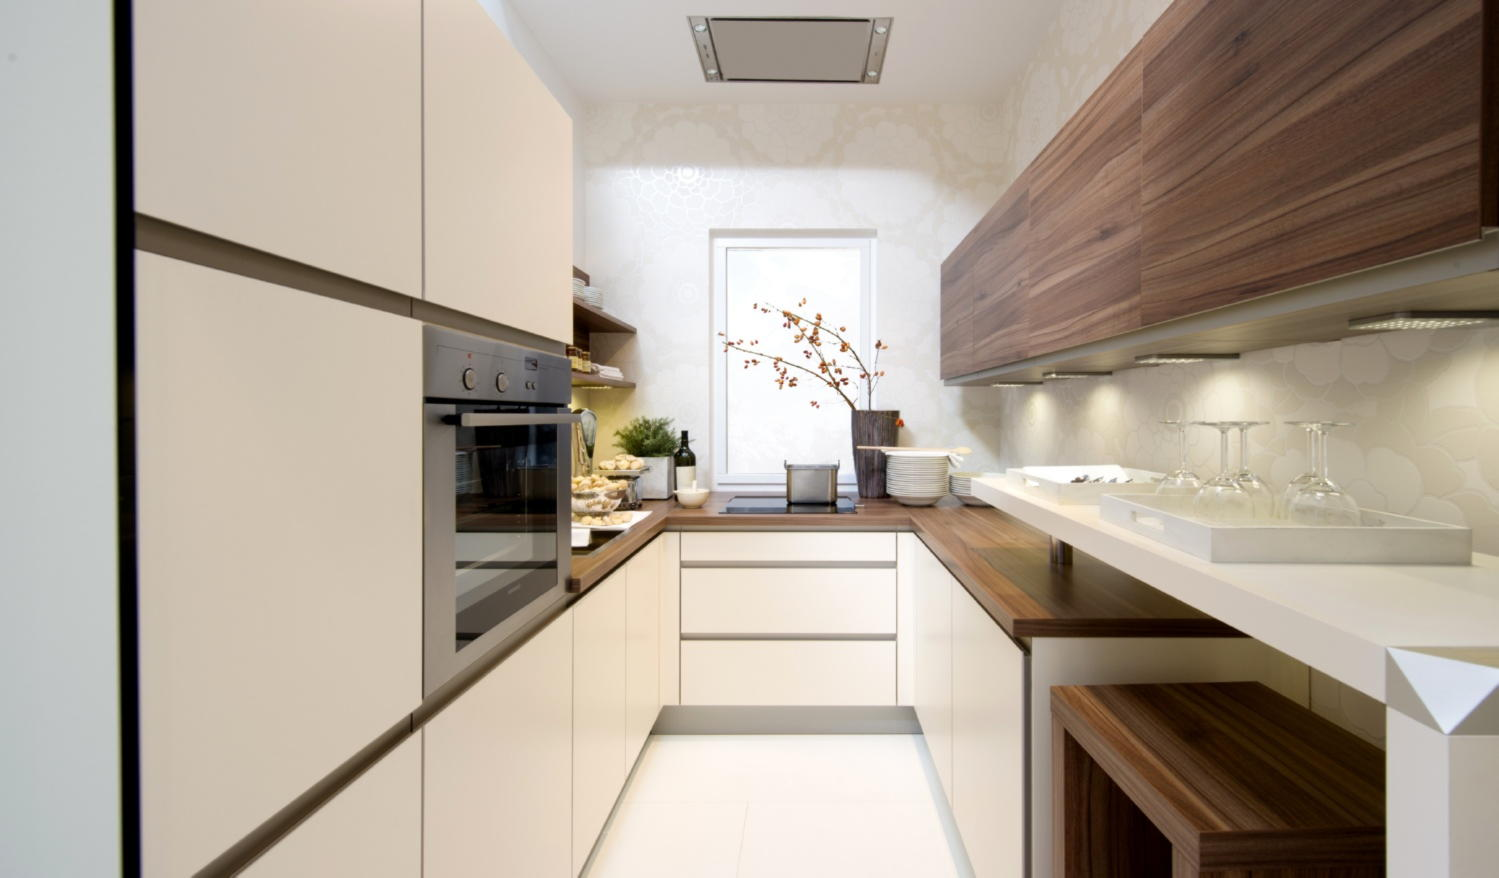 привели выводу, мебель для узкой кухни формы пенал фото стерхов